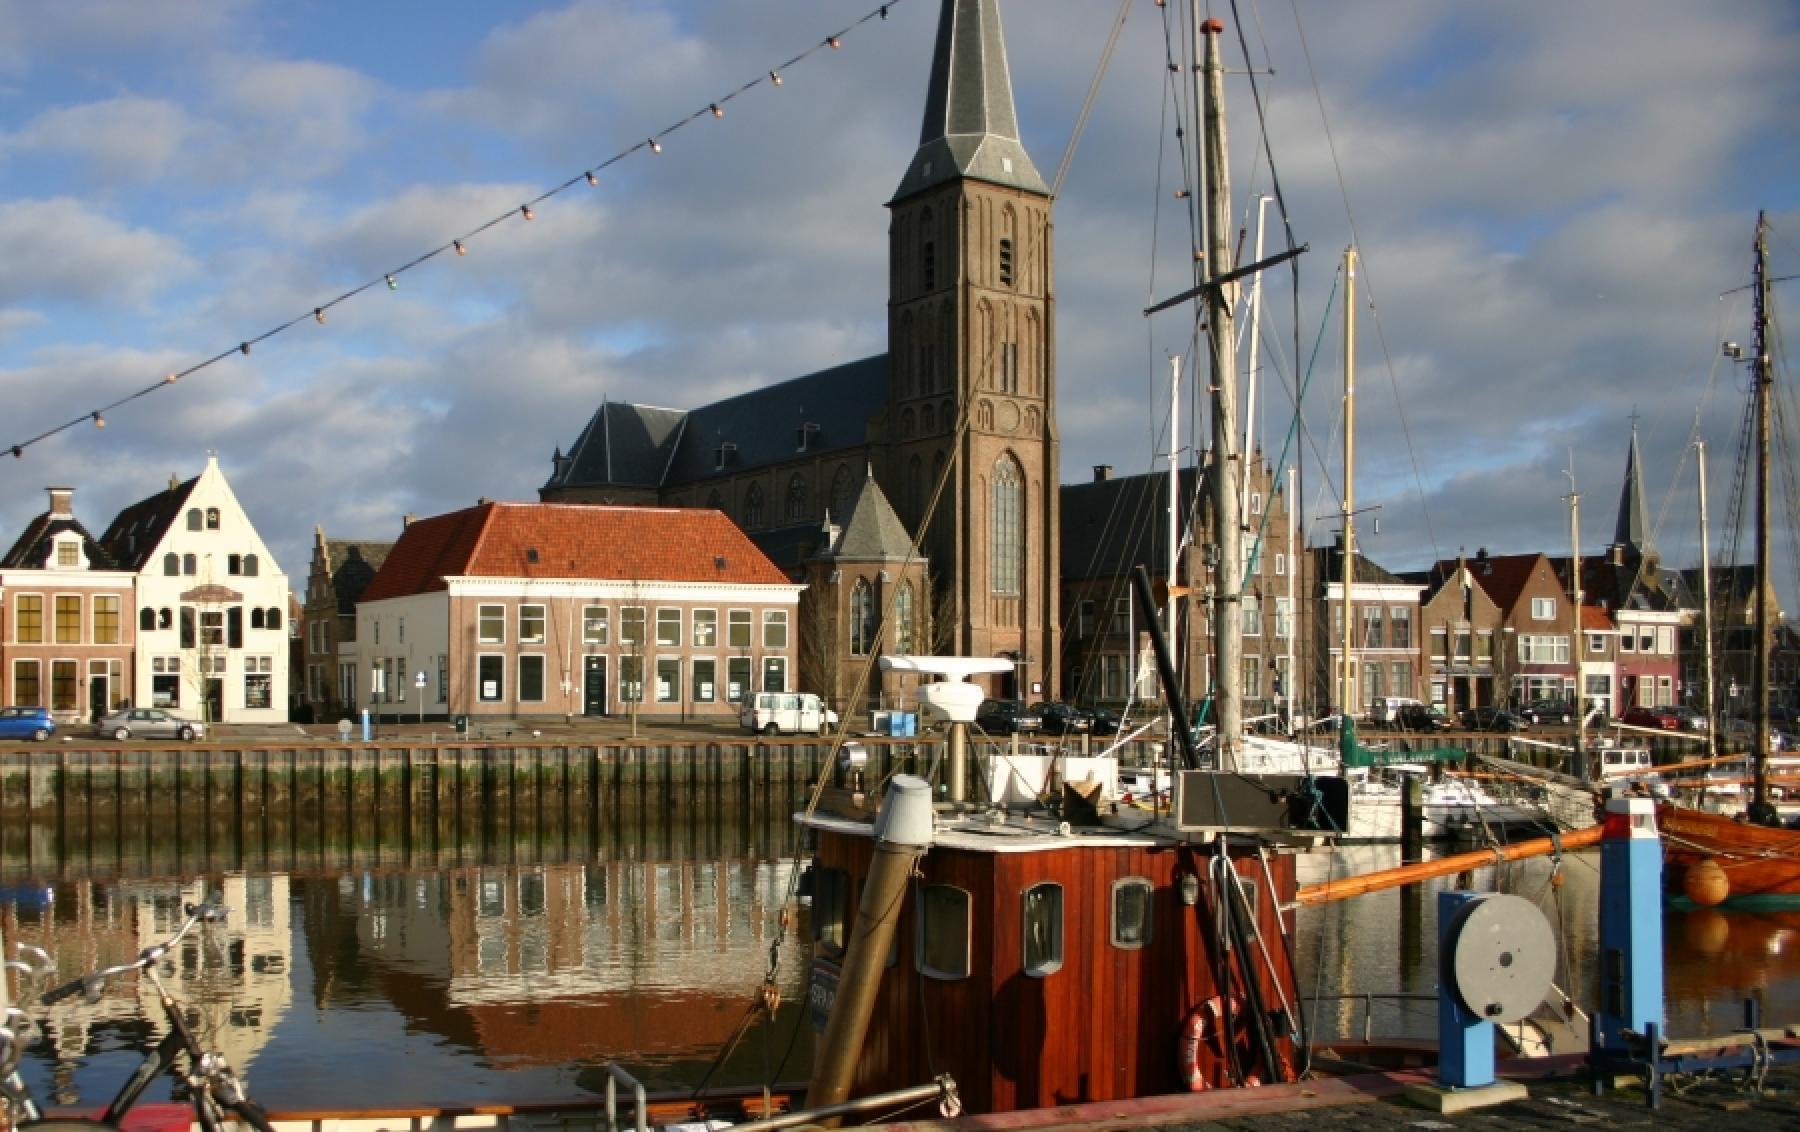 buitenzijde vooraanzicht huren Zuiderhaven Harlingen